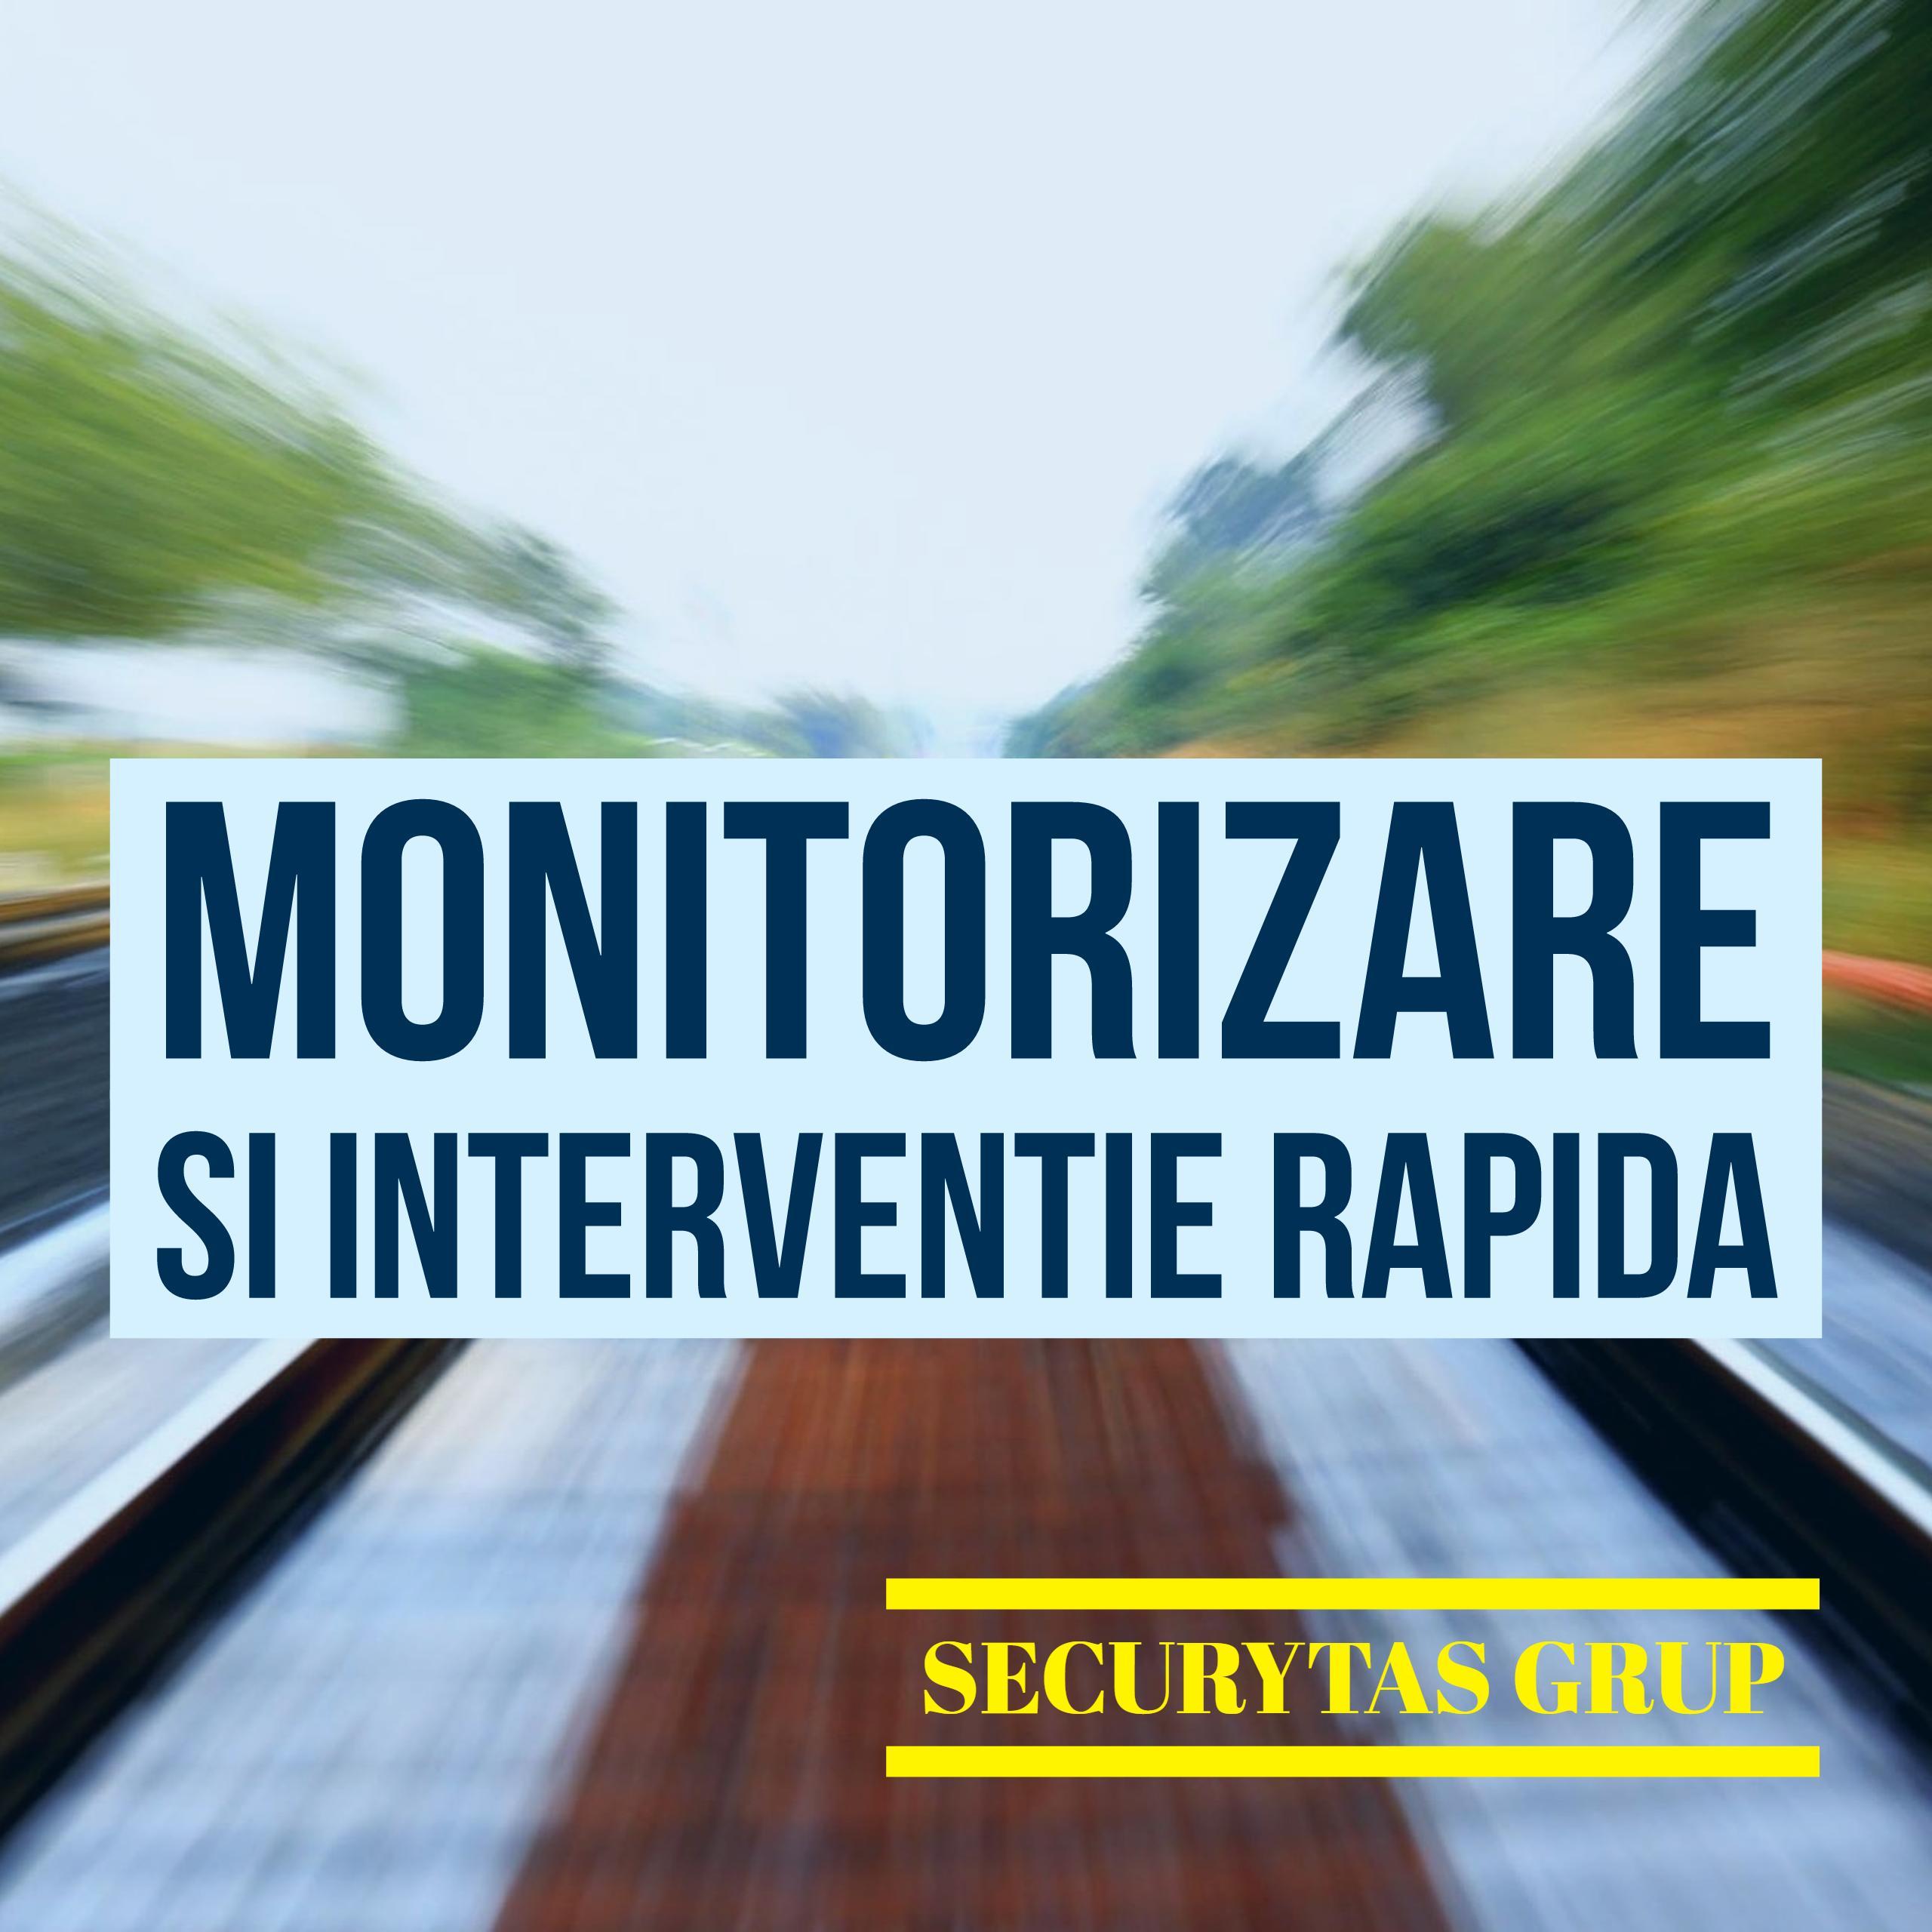 Monitorizare si Interventie